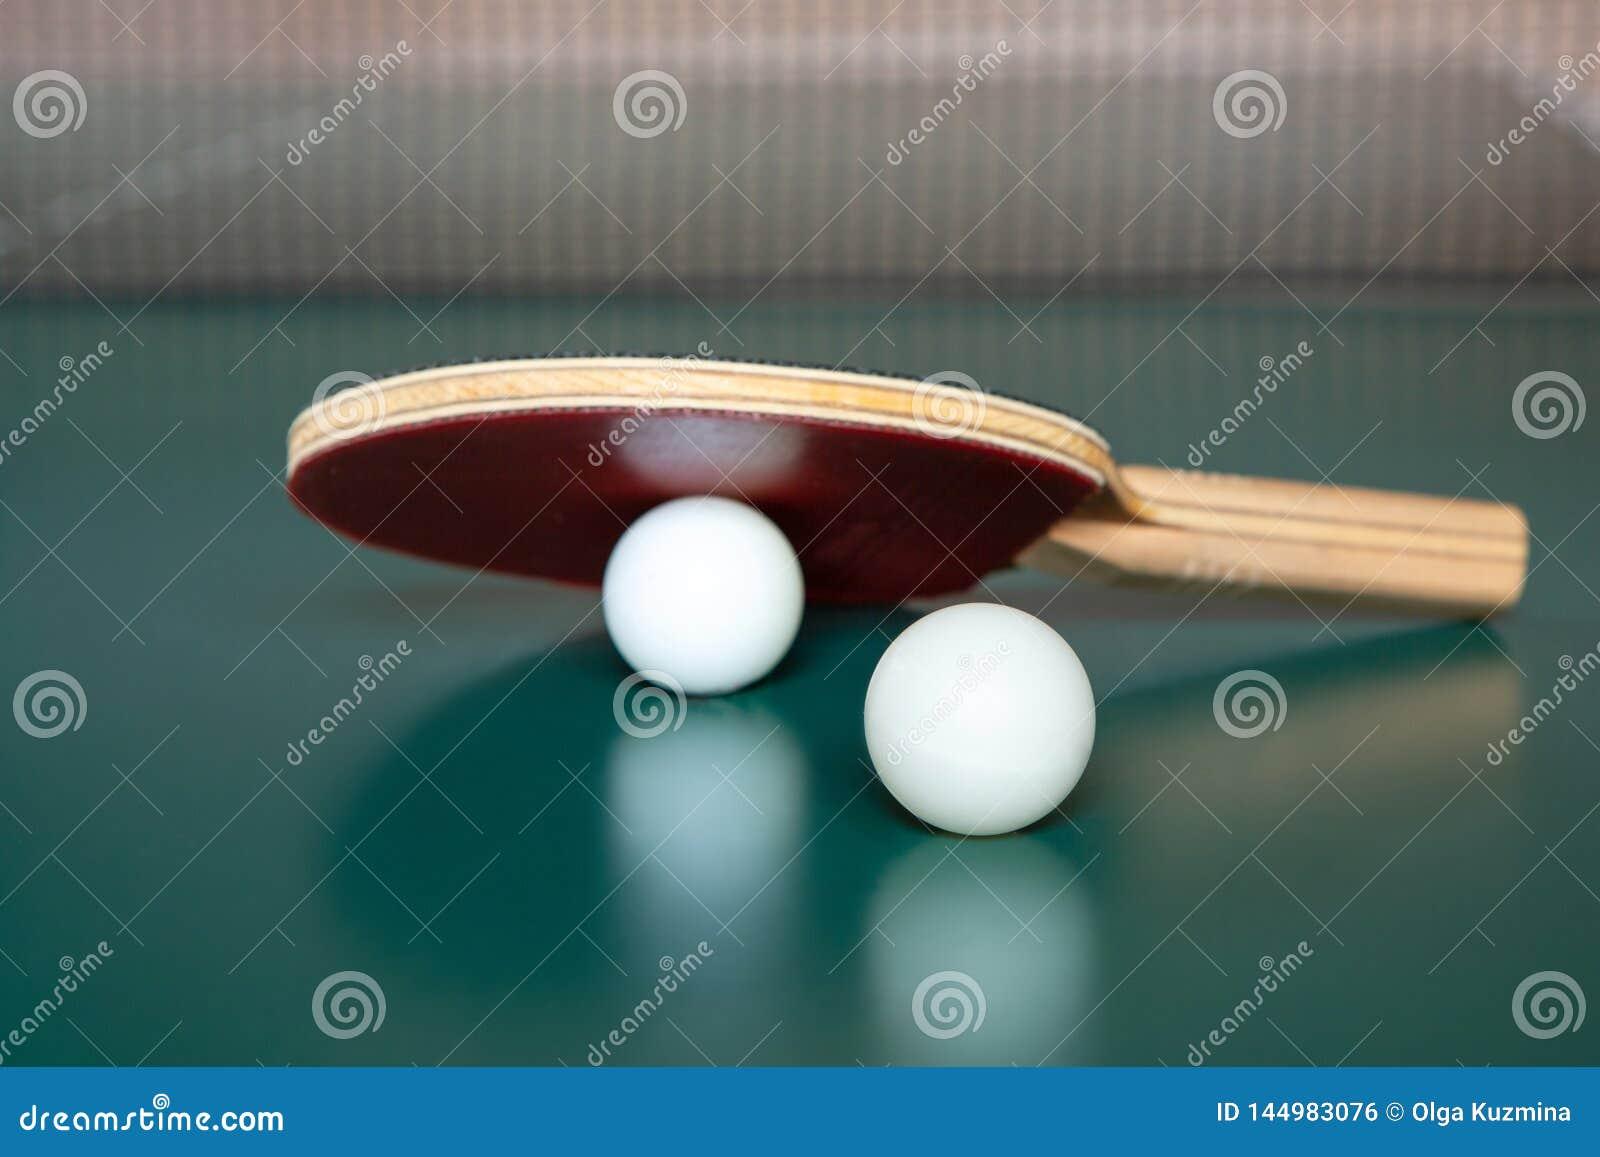 Tischtennisschl?ger und zwei B?lle auf einer gr?nen Tabelle Tischtennisnetz